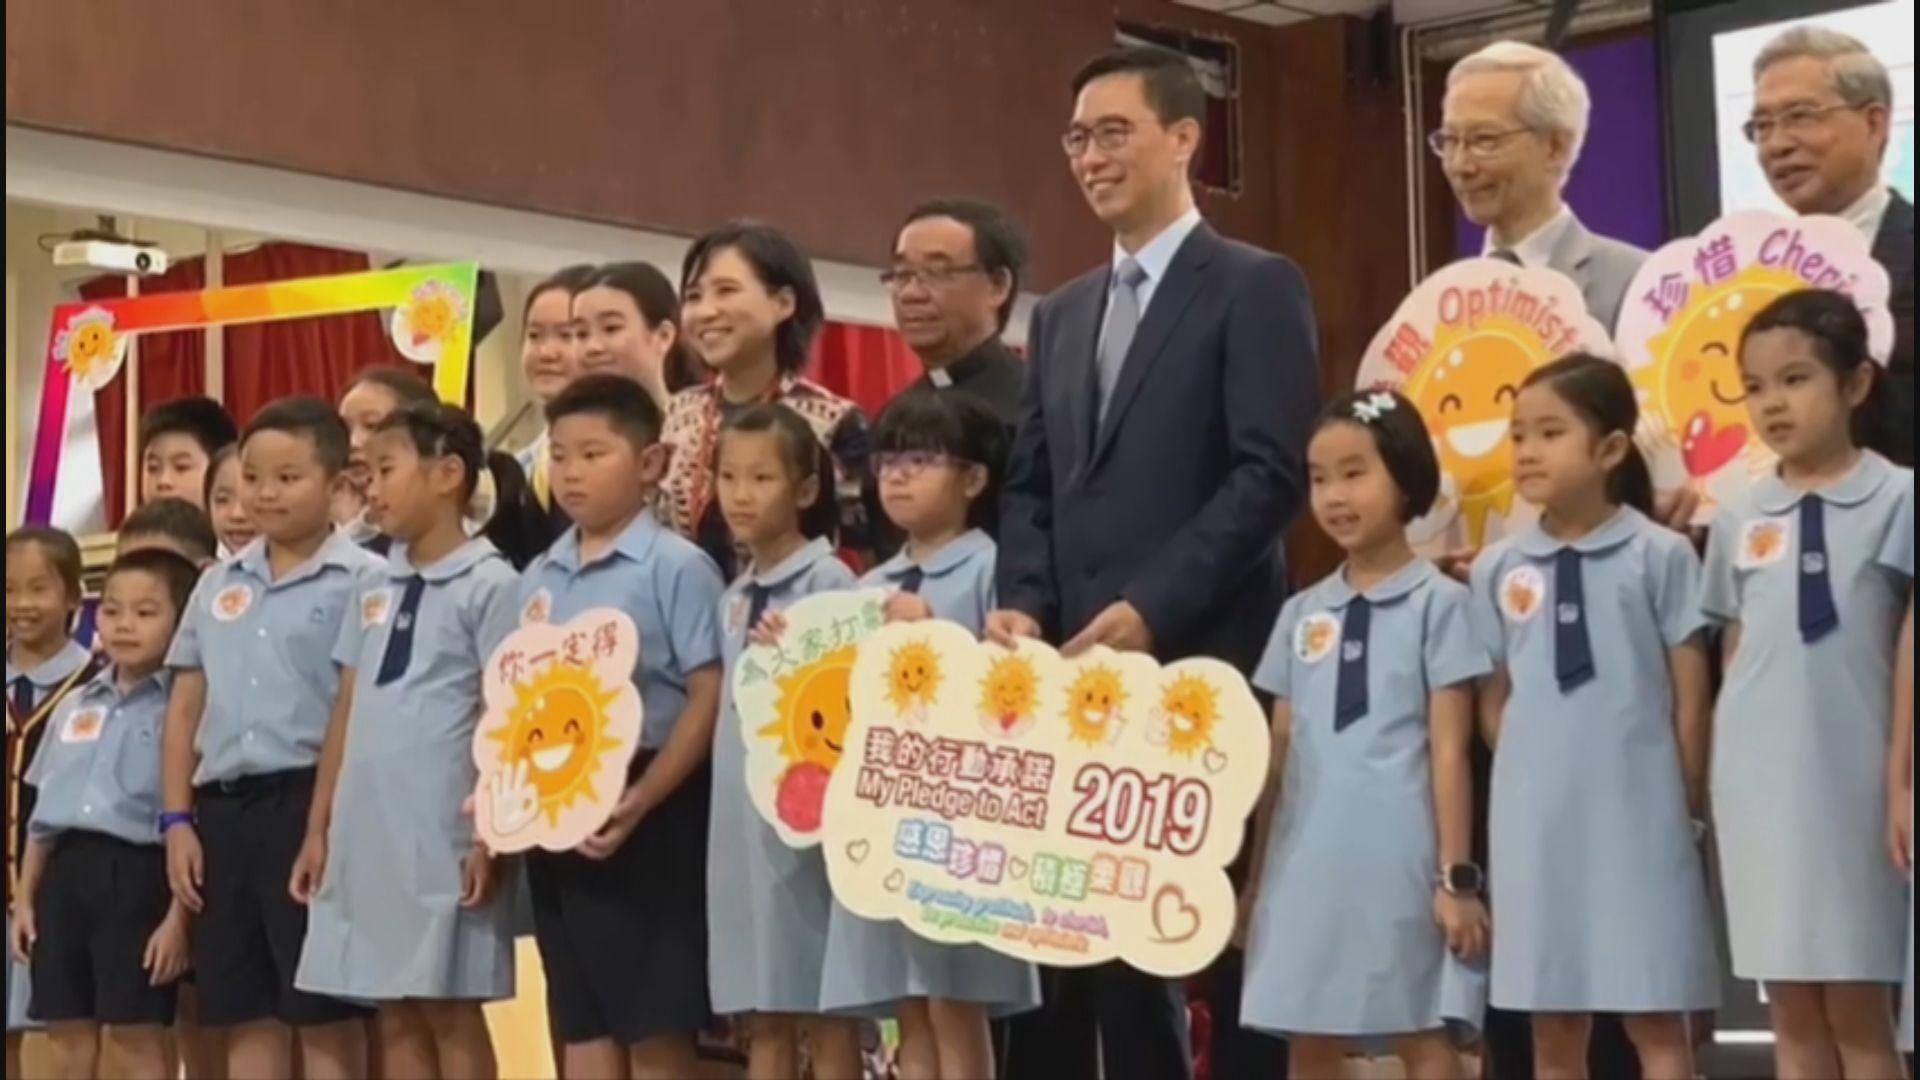 楊潤雄望教師言傳身教助學生建立正面價值觀